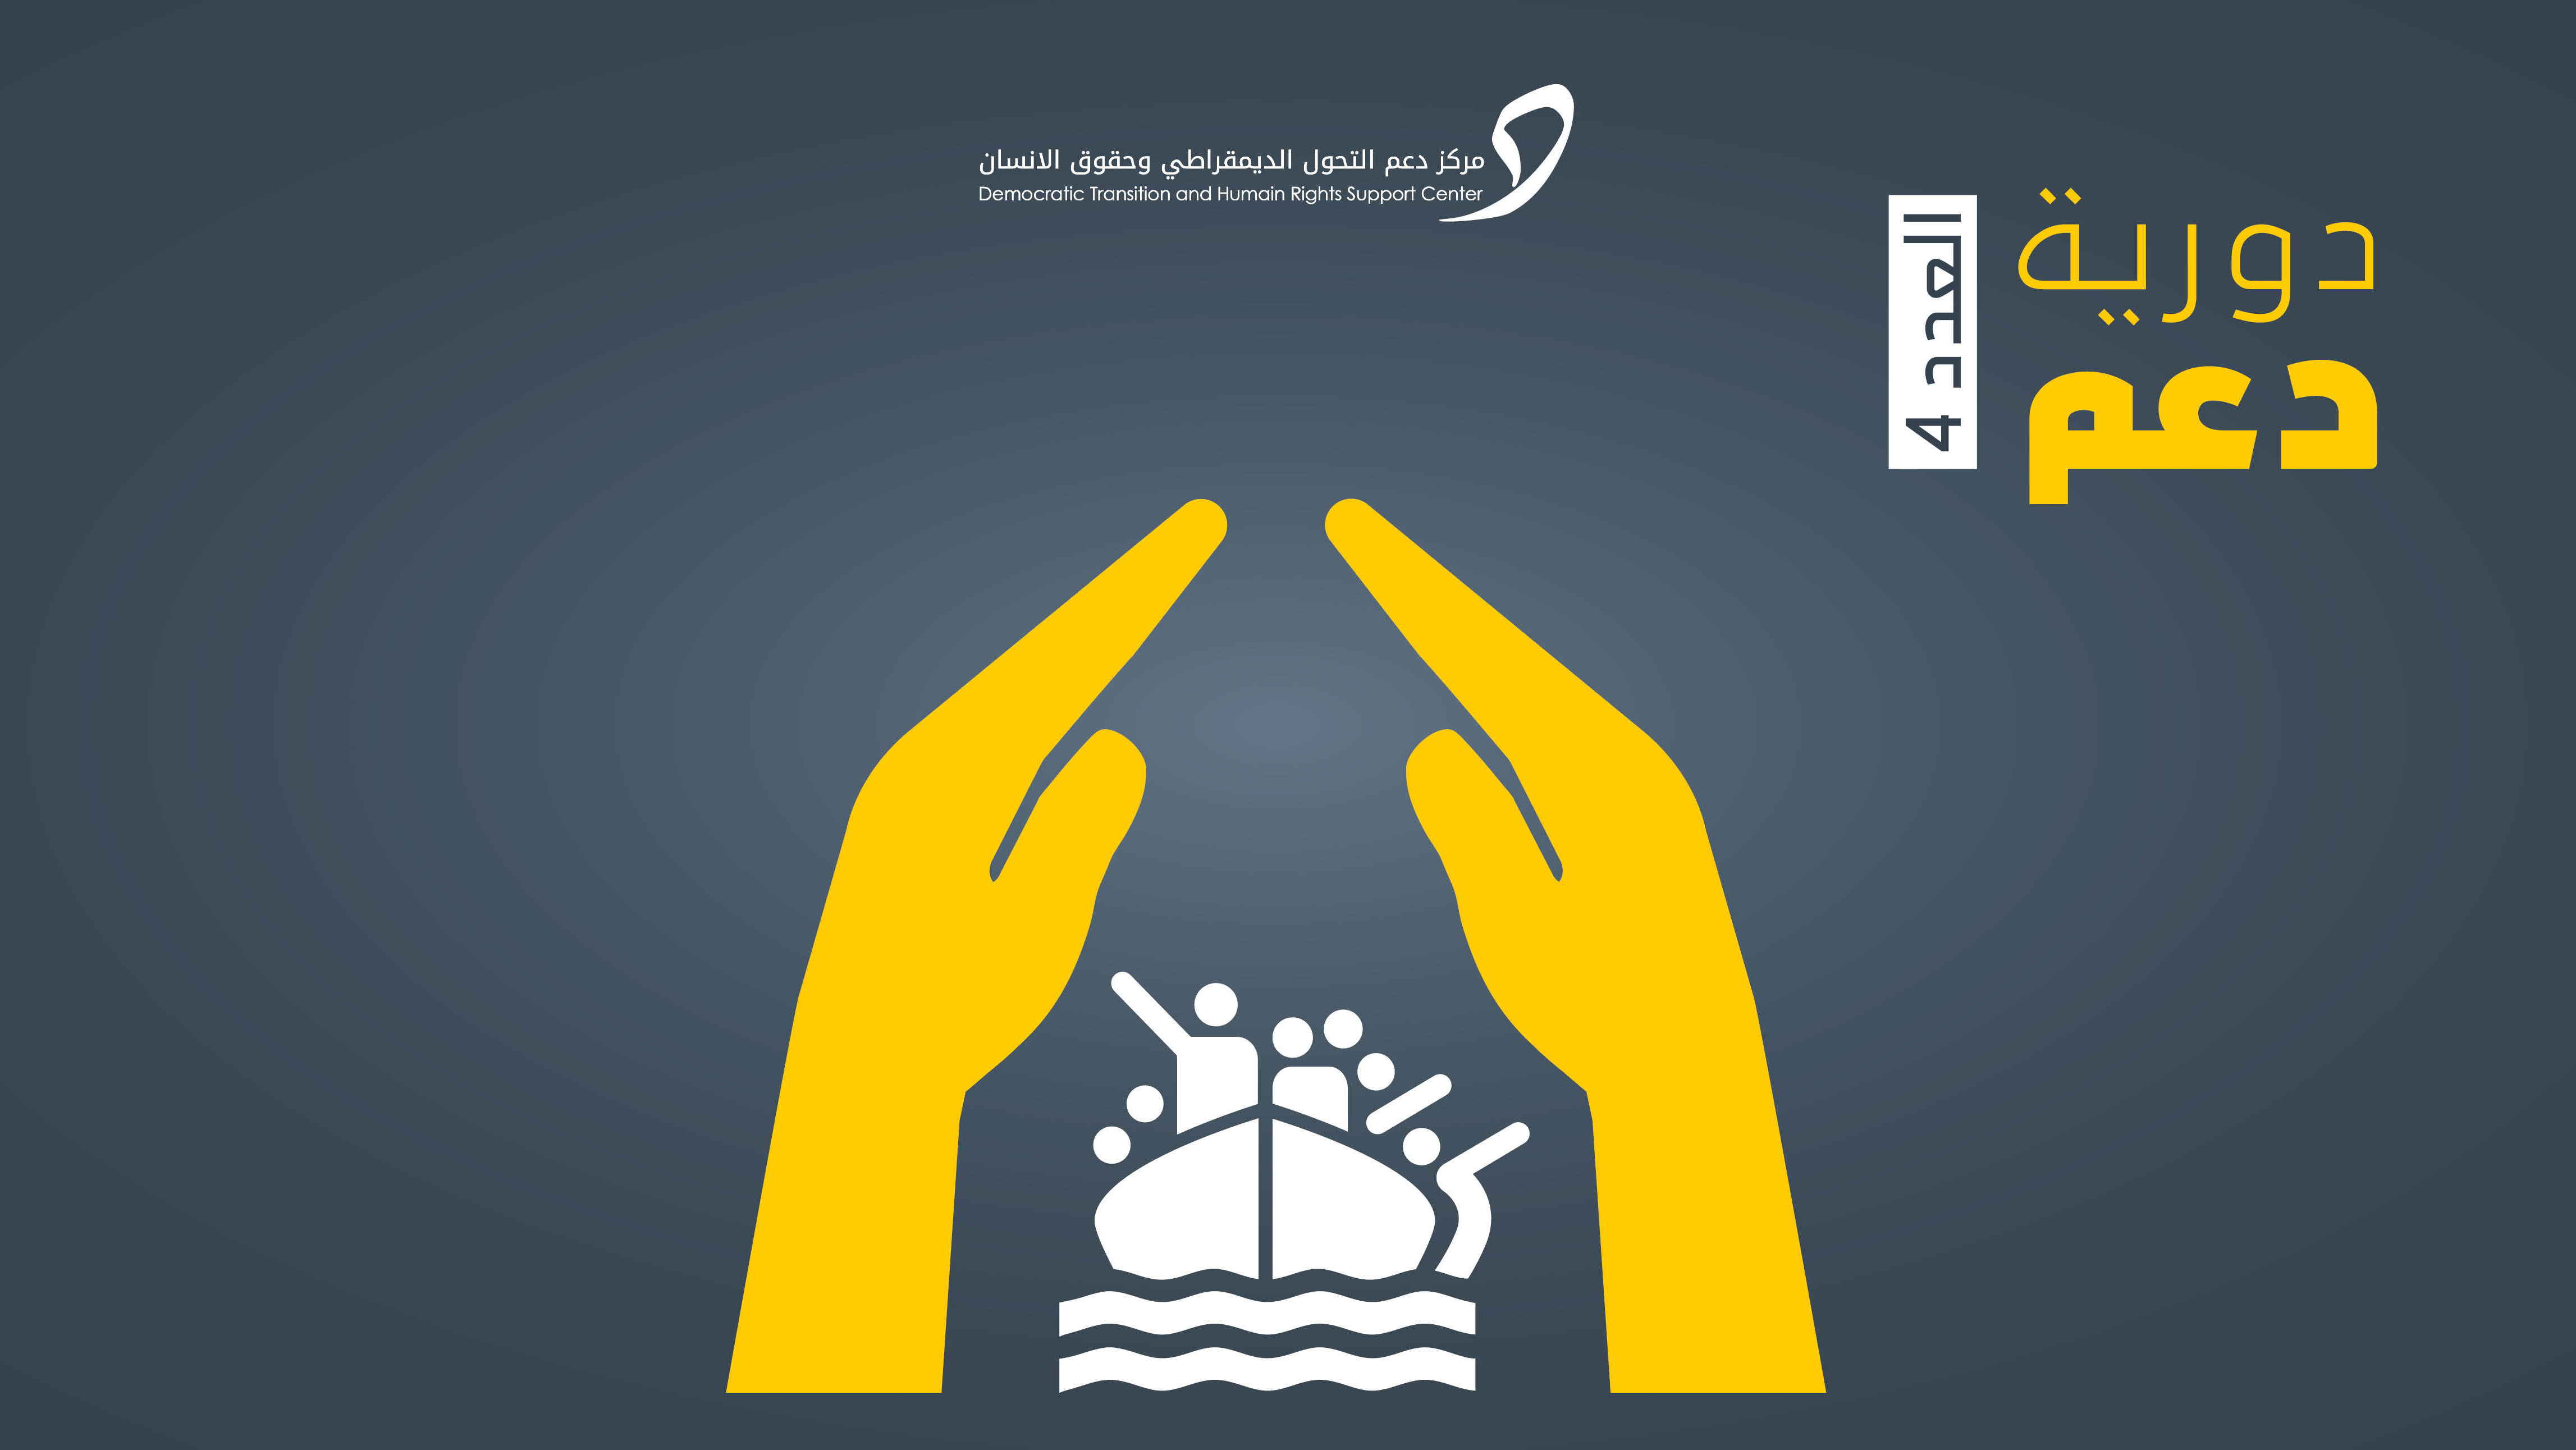 Photo of دورية دعم الرابعة: الهجرة غير النظامية